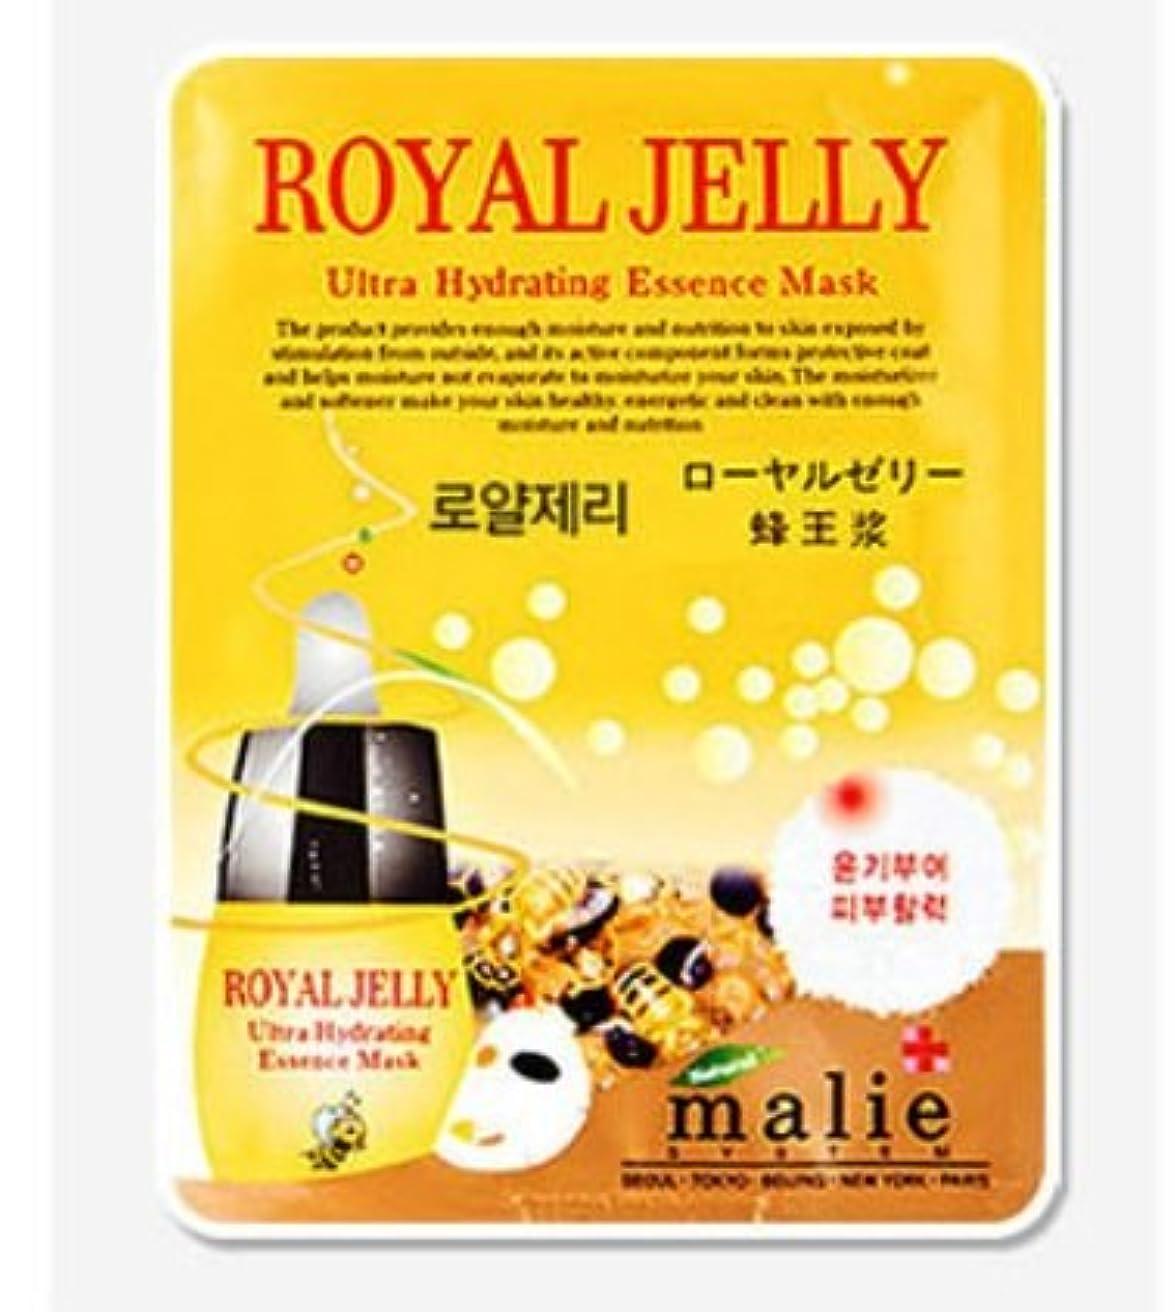 アドバイスシャツゴミ箱を空にする[MALIE] まりえローヤルゼリーウルトラ?ハイドレーティング?エッセンスマスク25gX10枚 / Malie Royal Jelly Ultra Hydrating Essence Mask [並行輸入品]